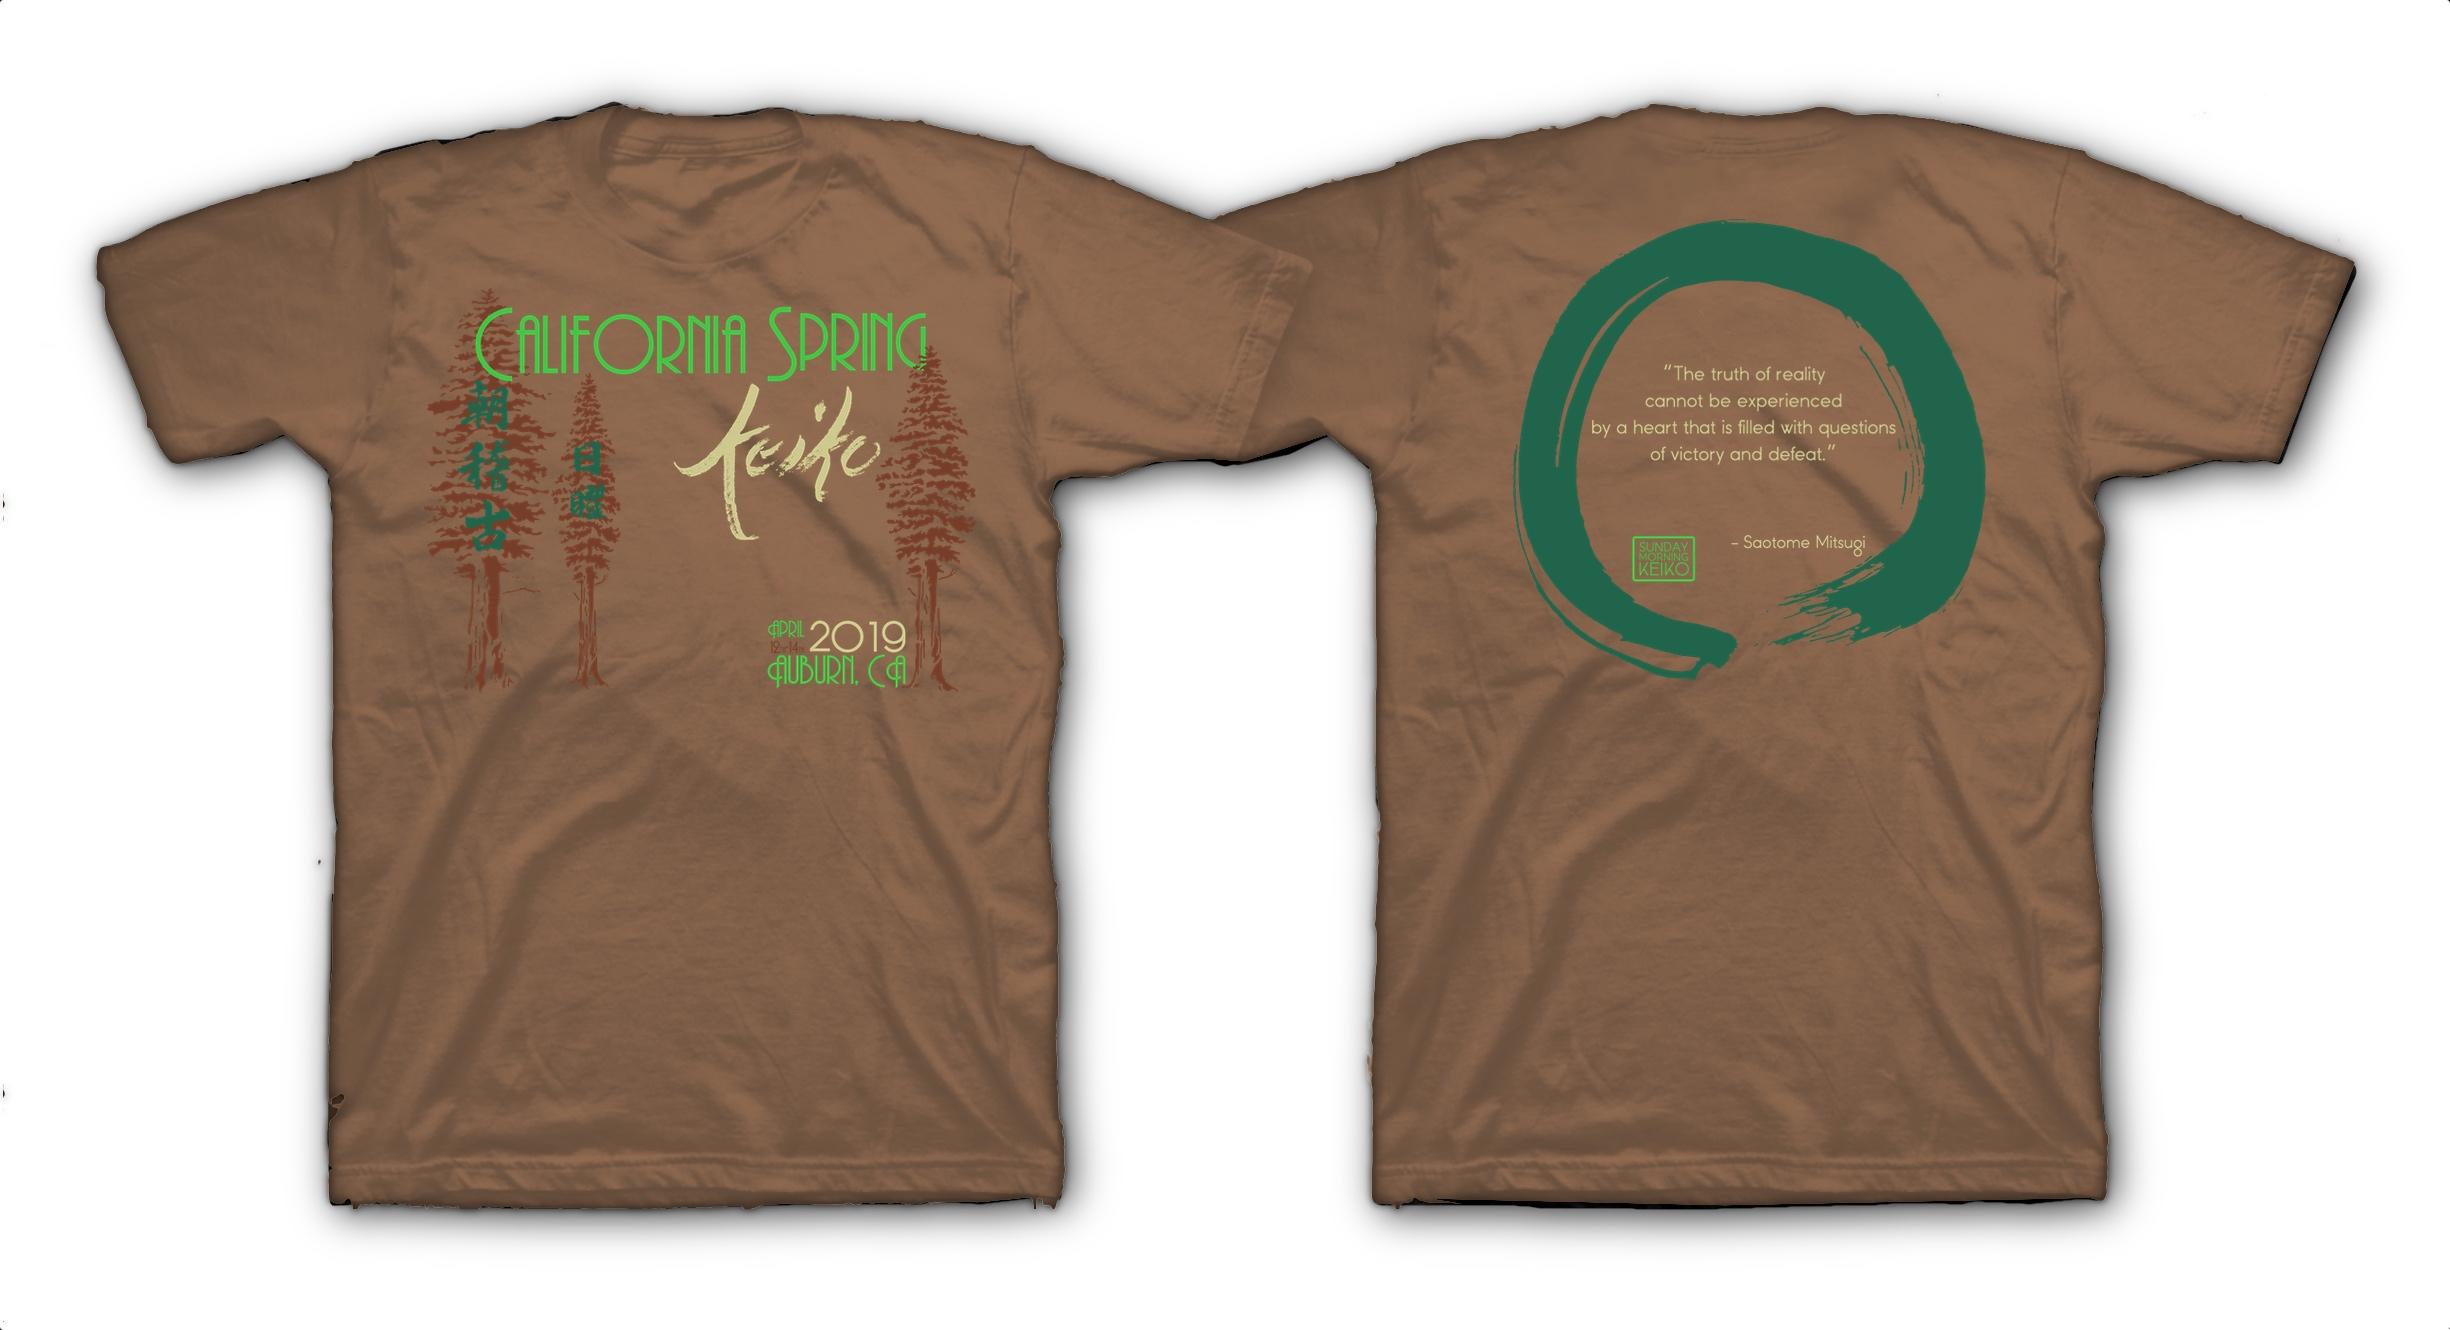 CSK 2019 Shirt Mockup on White - pebble brown.jpg